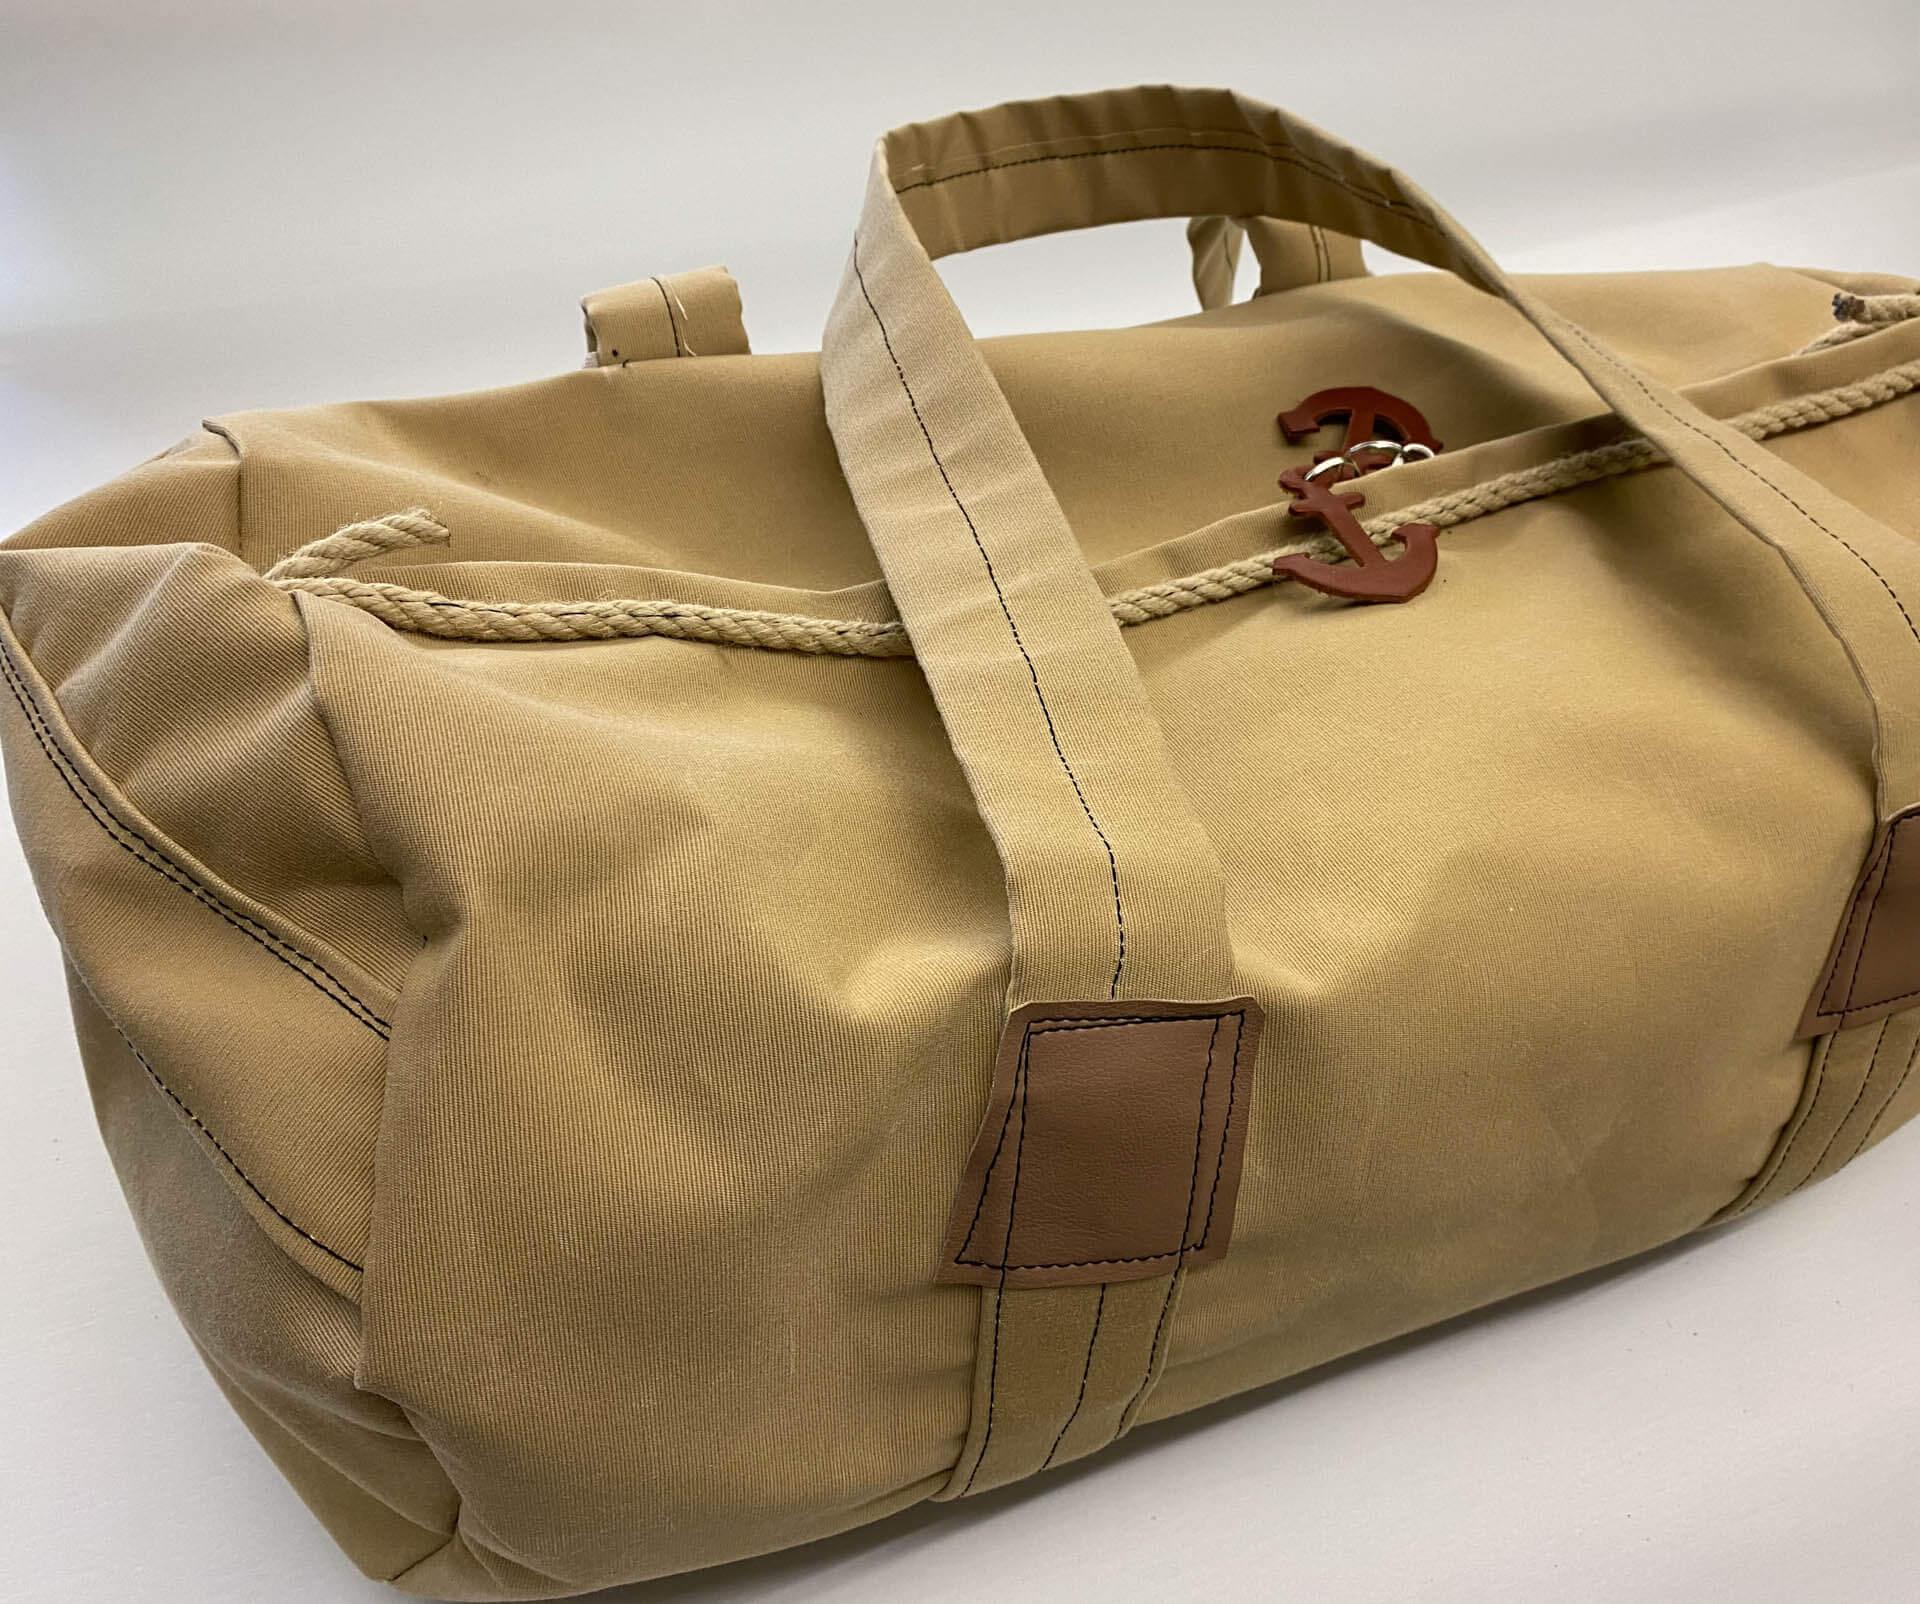 Maritime Sporttasche oder Reisetasche mit Ankersymbol